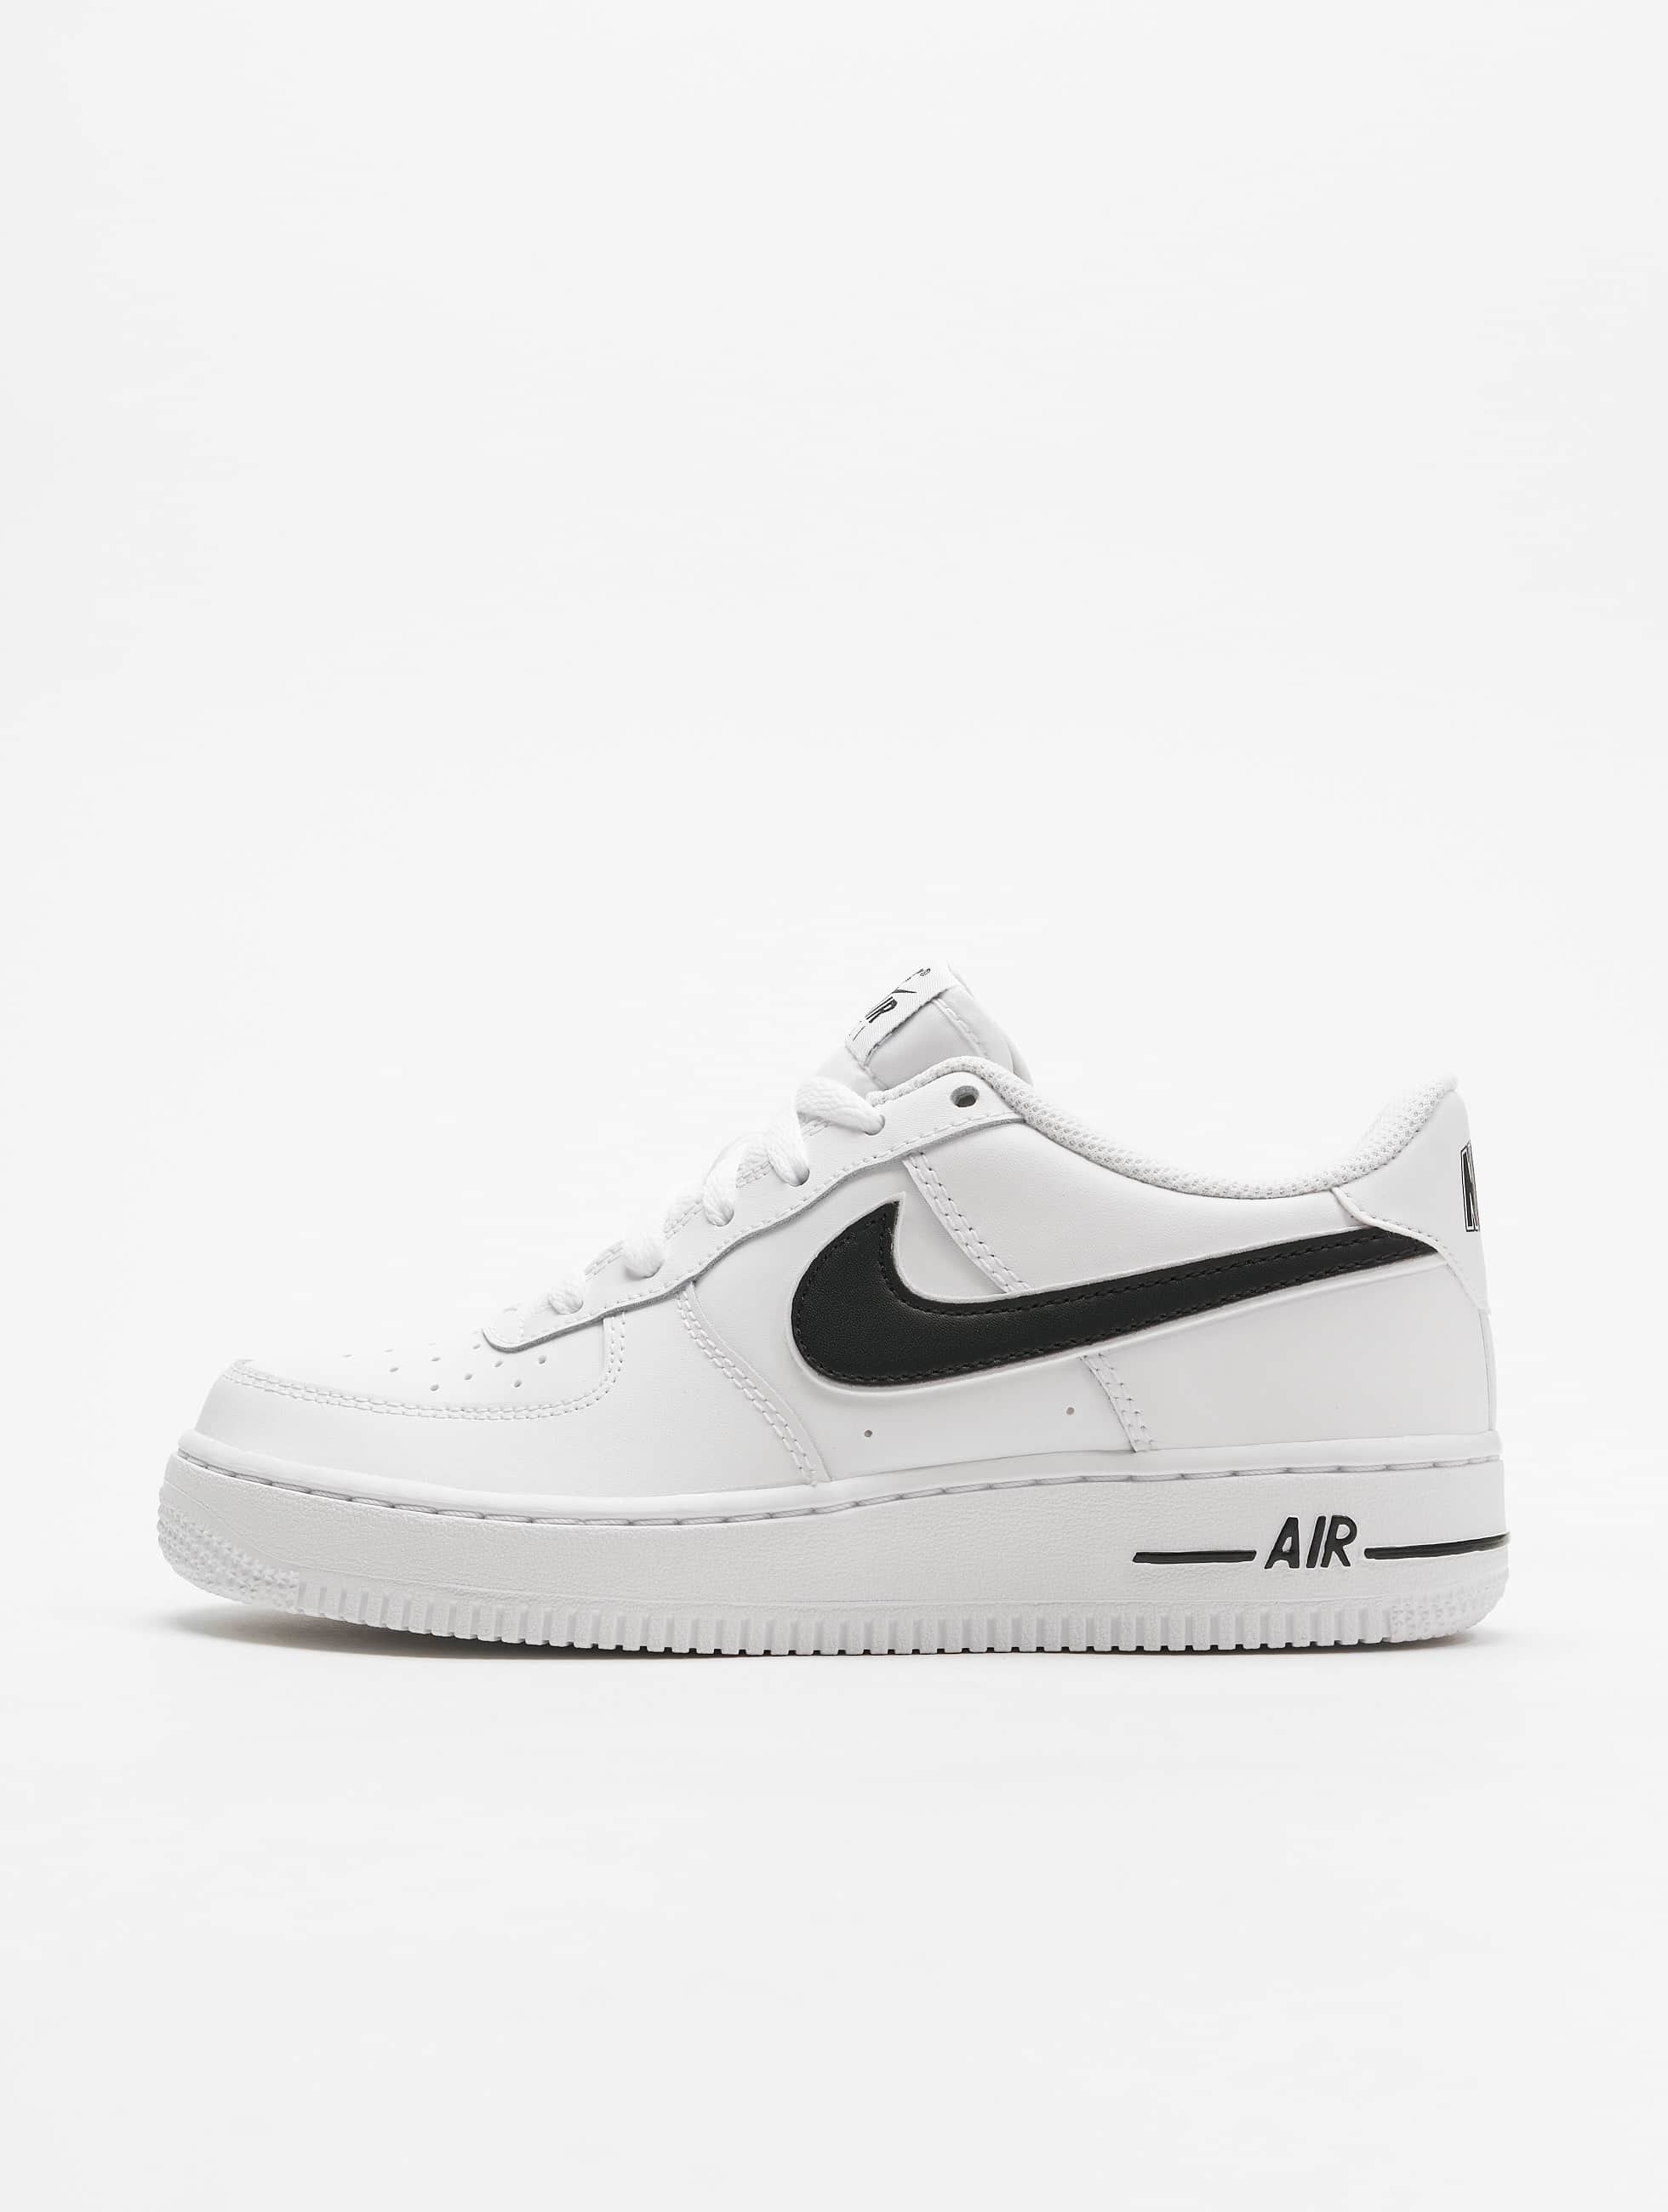 c26a72fff32 Nike schoen / sneaker Air Force 1-3 in wit 588279